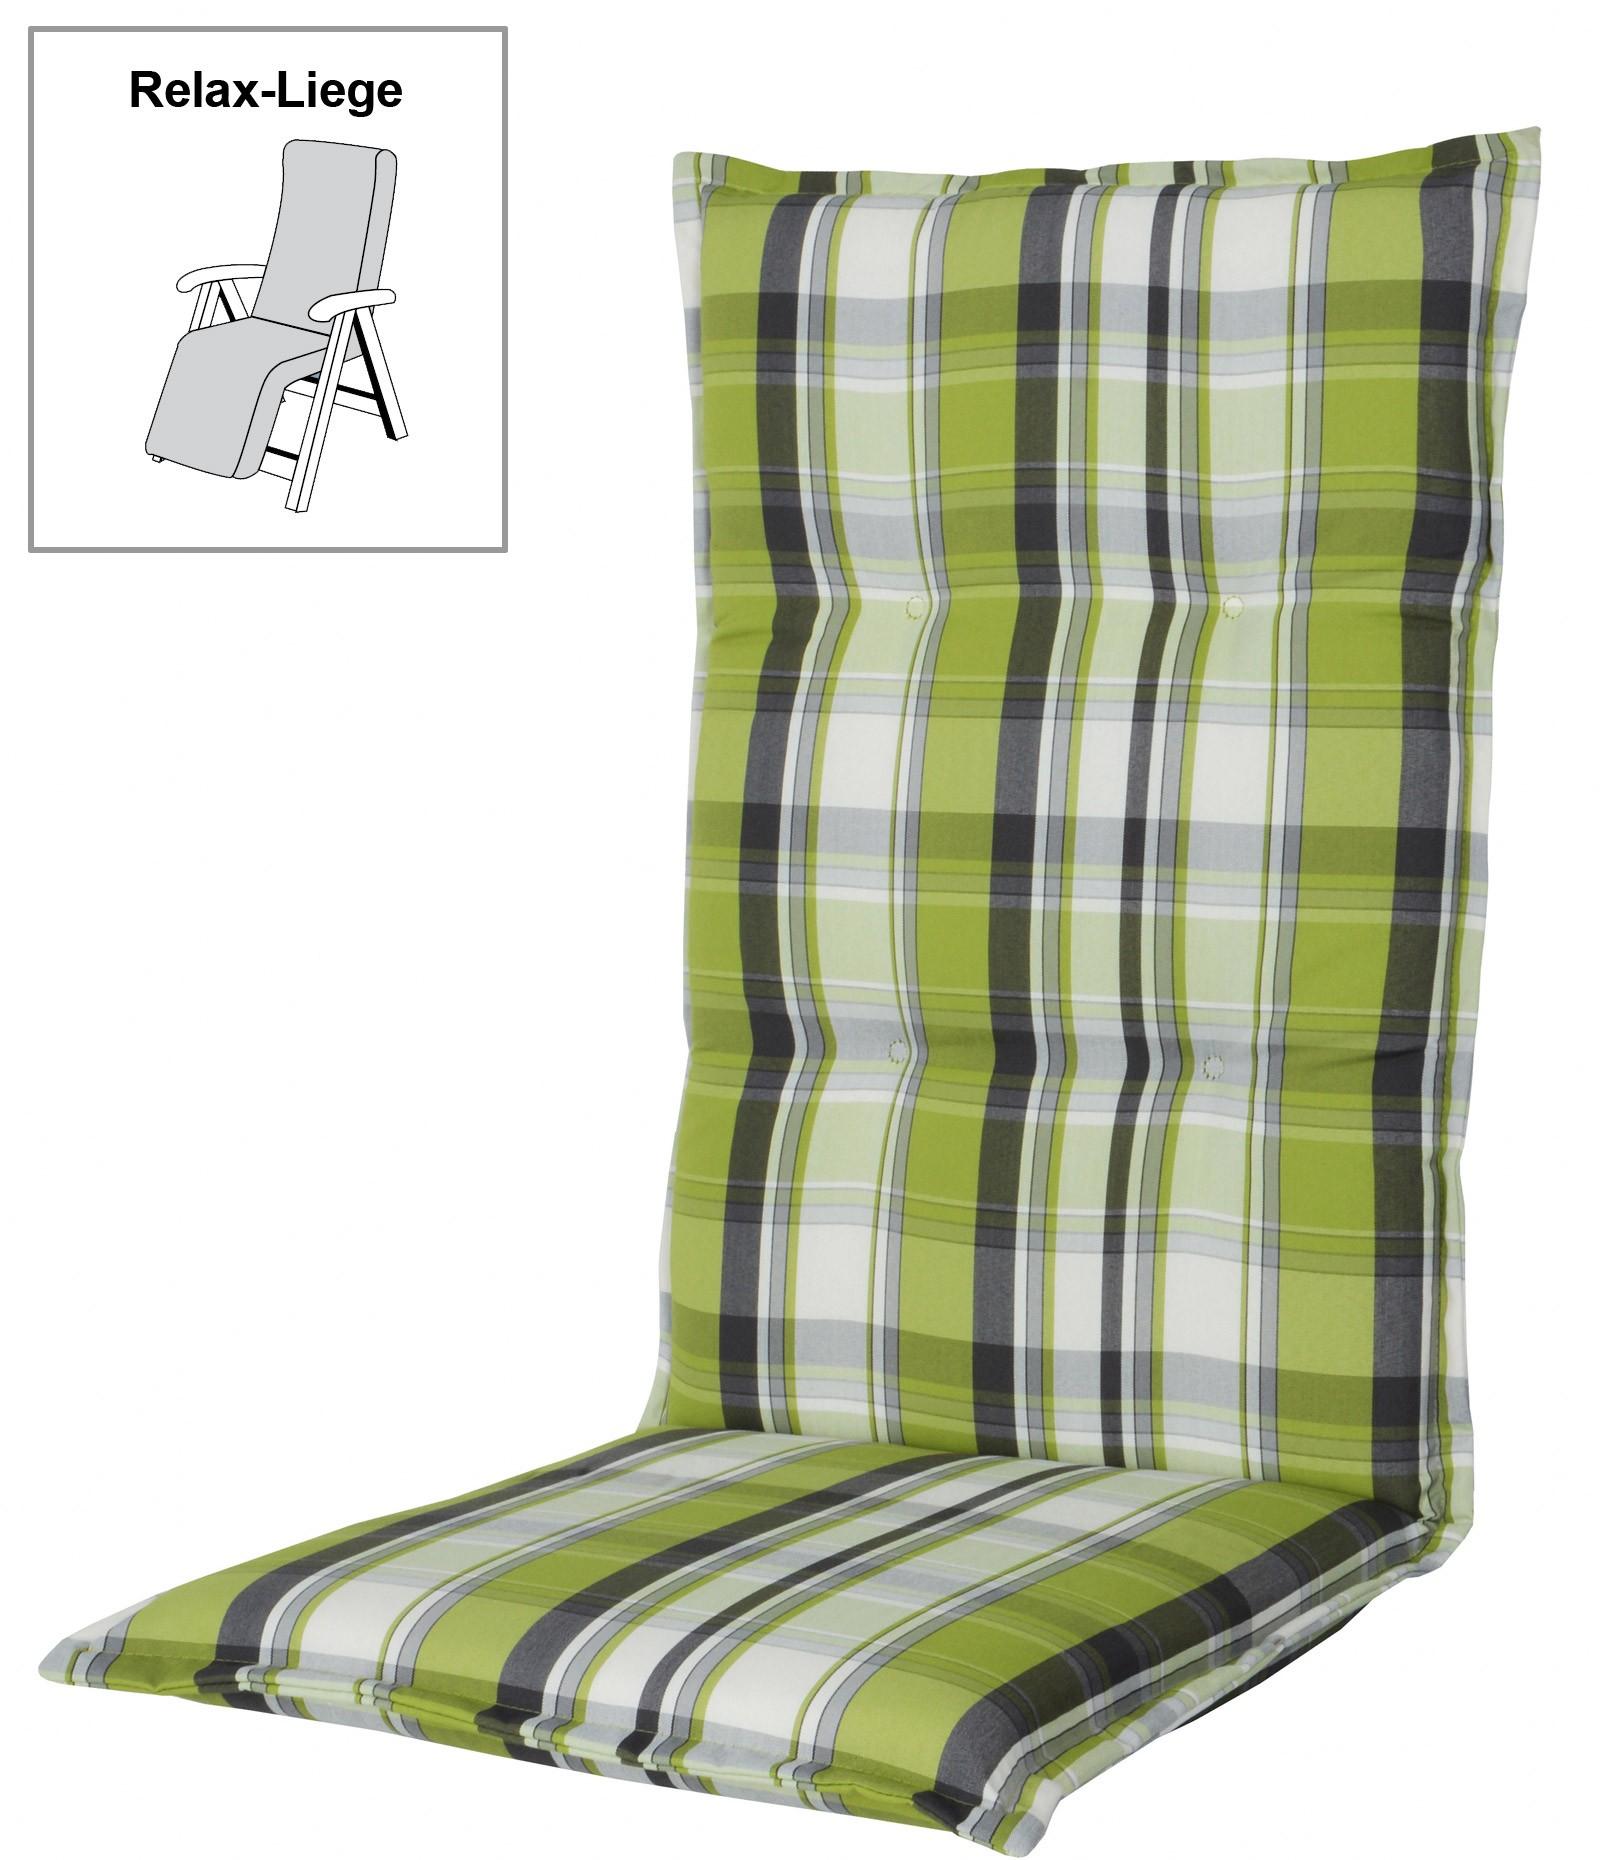 Doppler Polster / Auflage für Gartenmöbel Relaxsessel Comfort D 5336 Bild 1